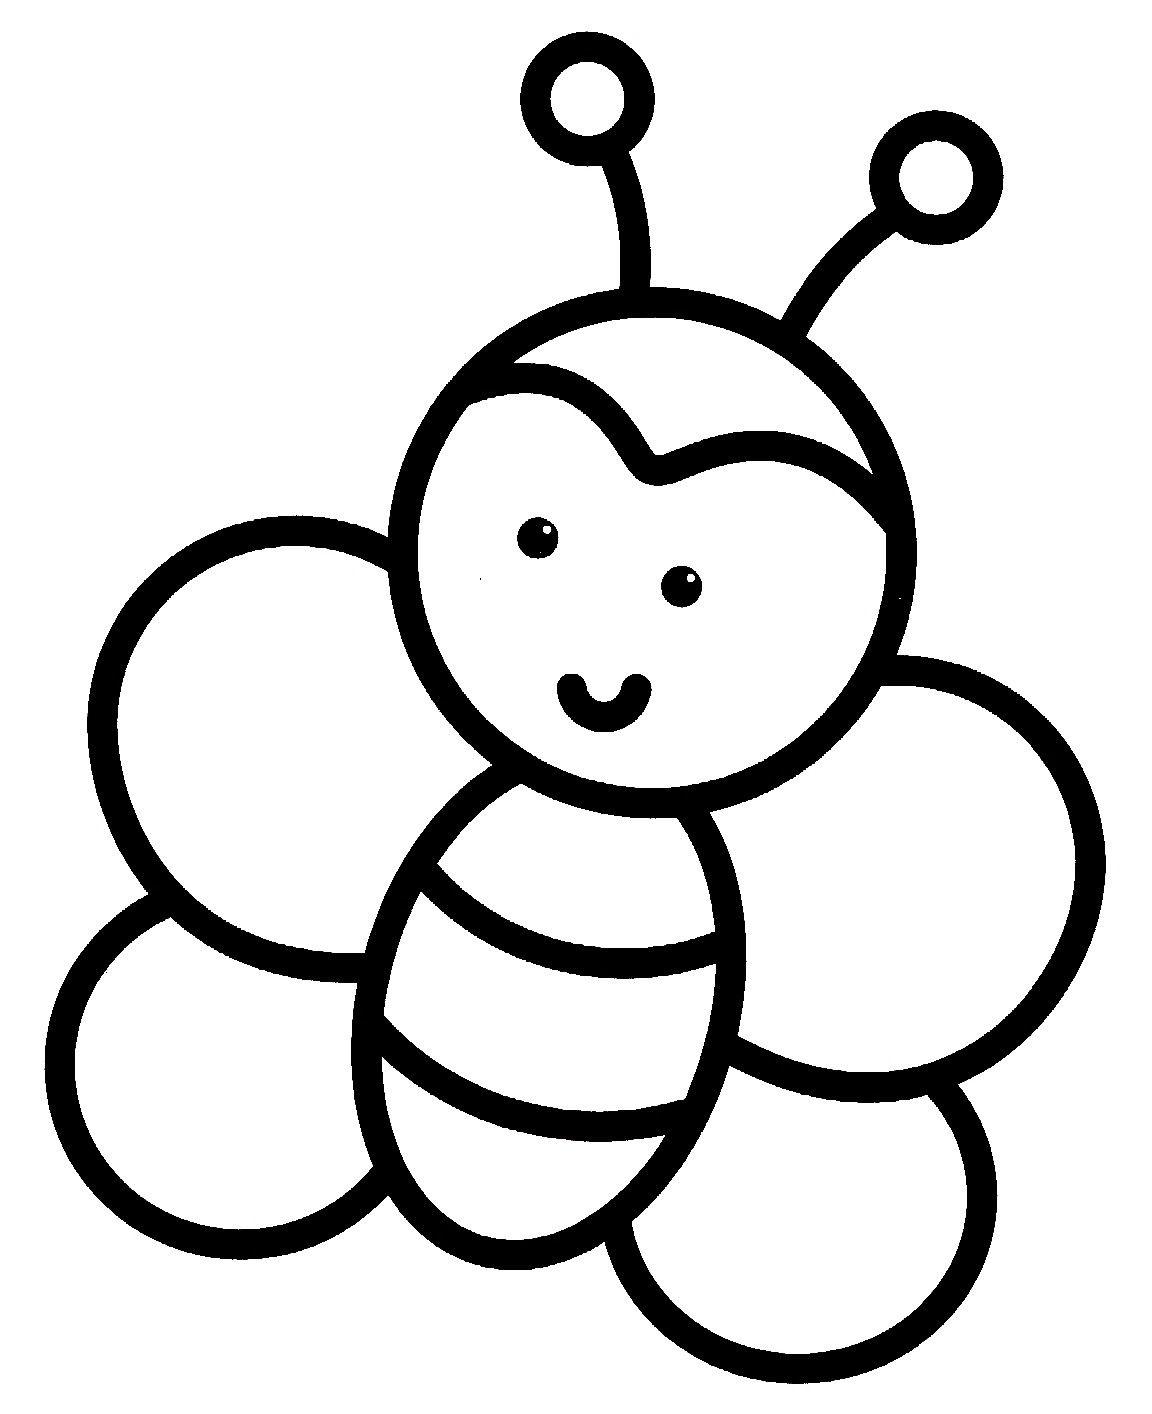 صورة رسوم بسيطة للاطفال , ابسط رسم لتعليم الاطفال